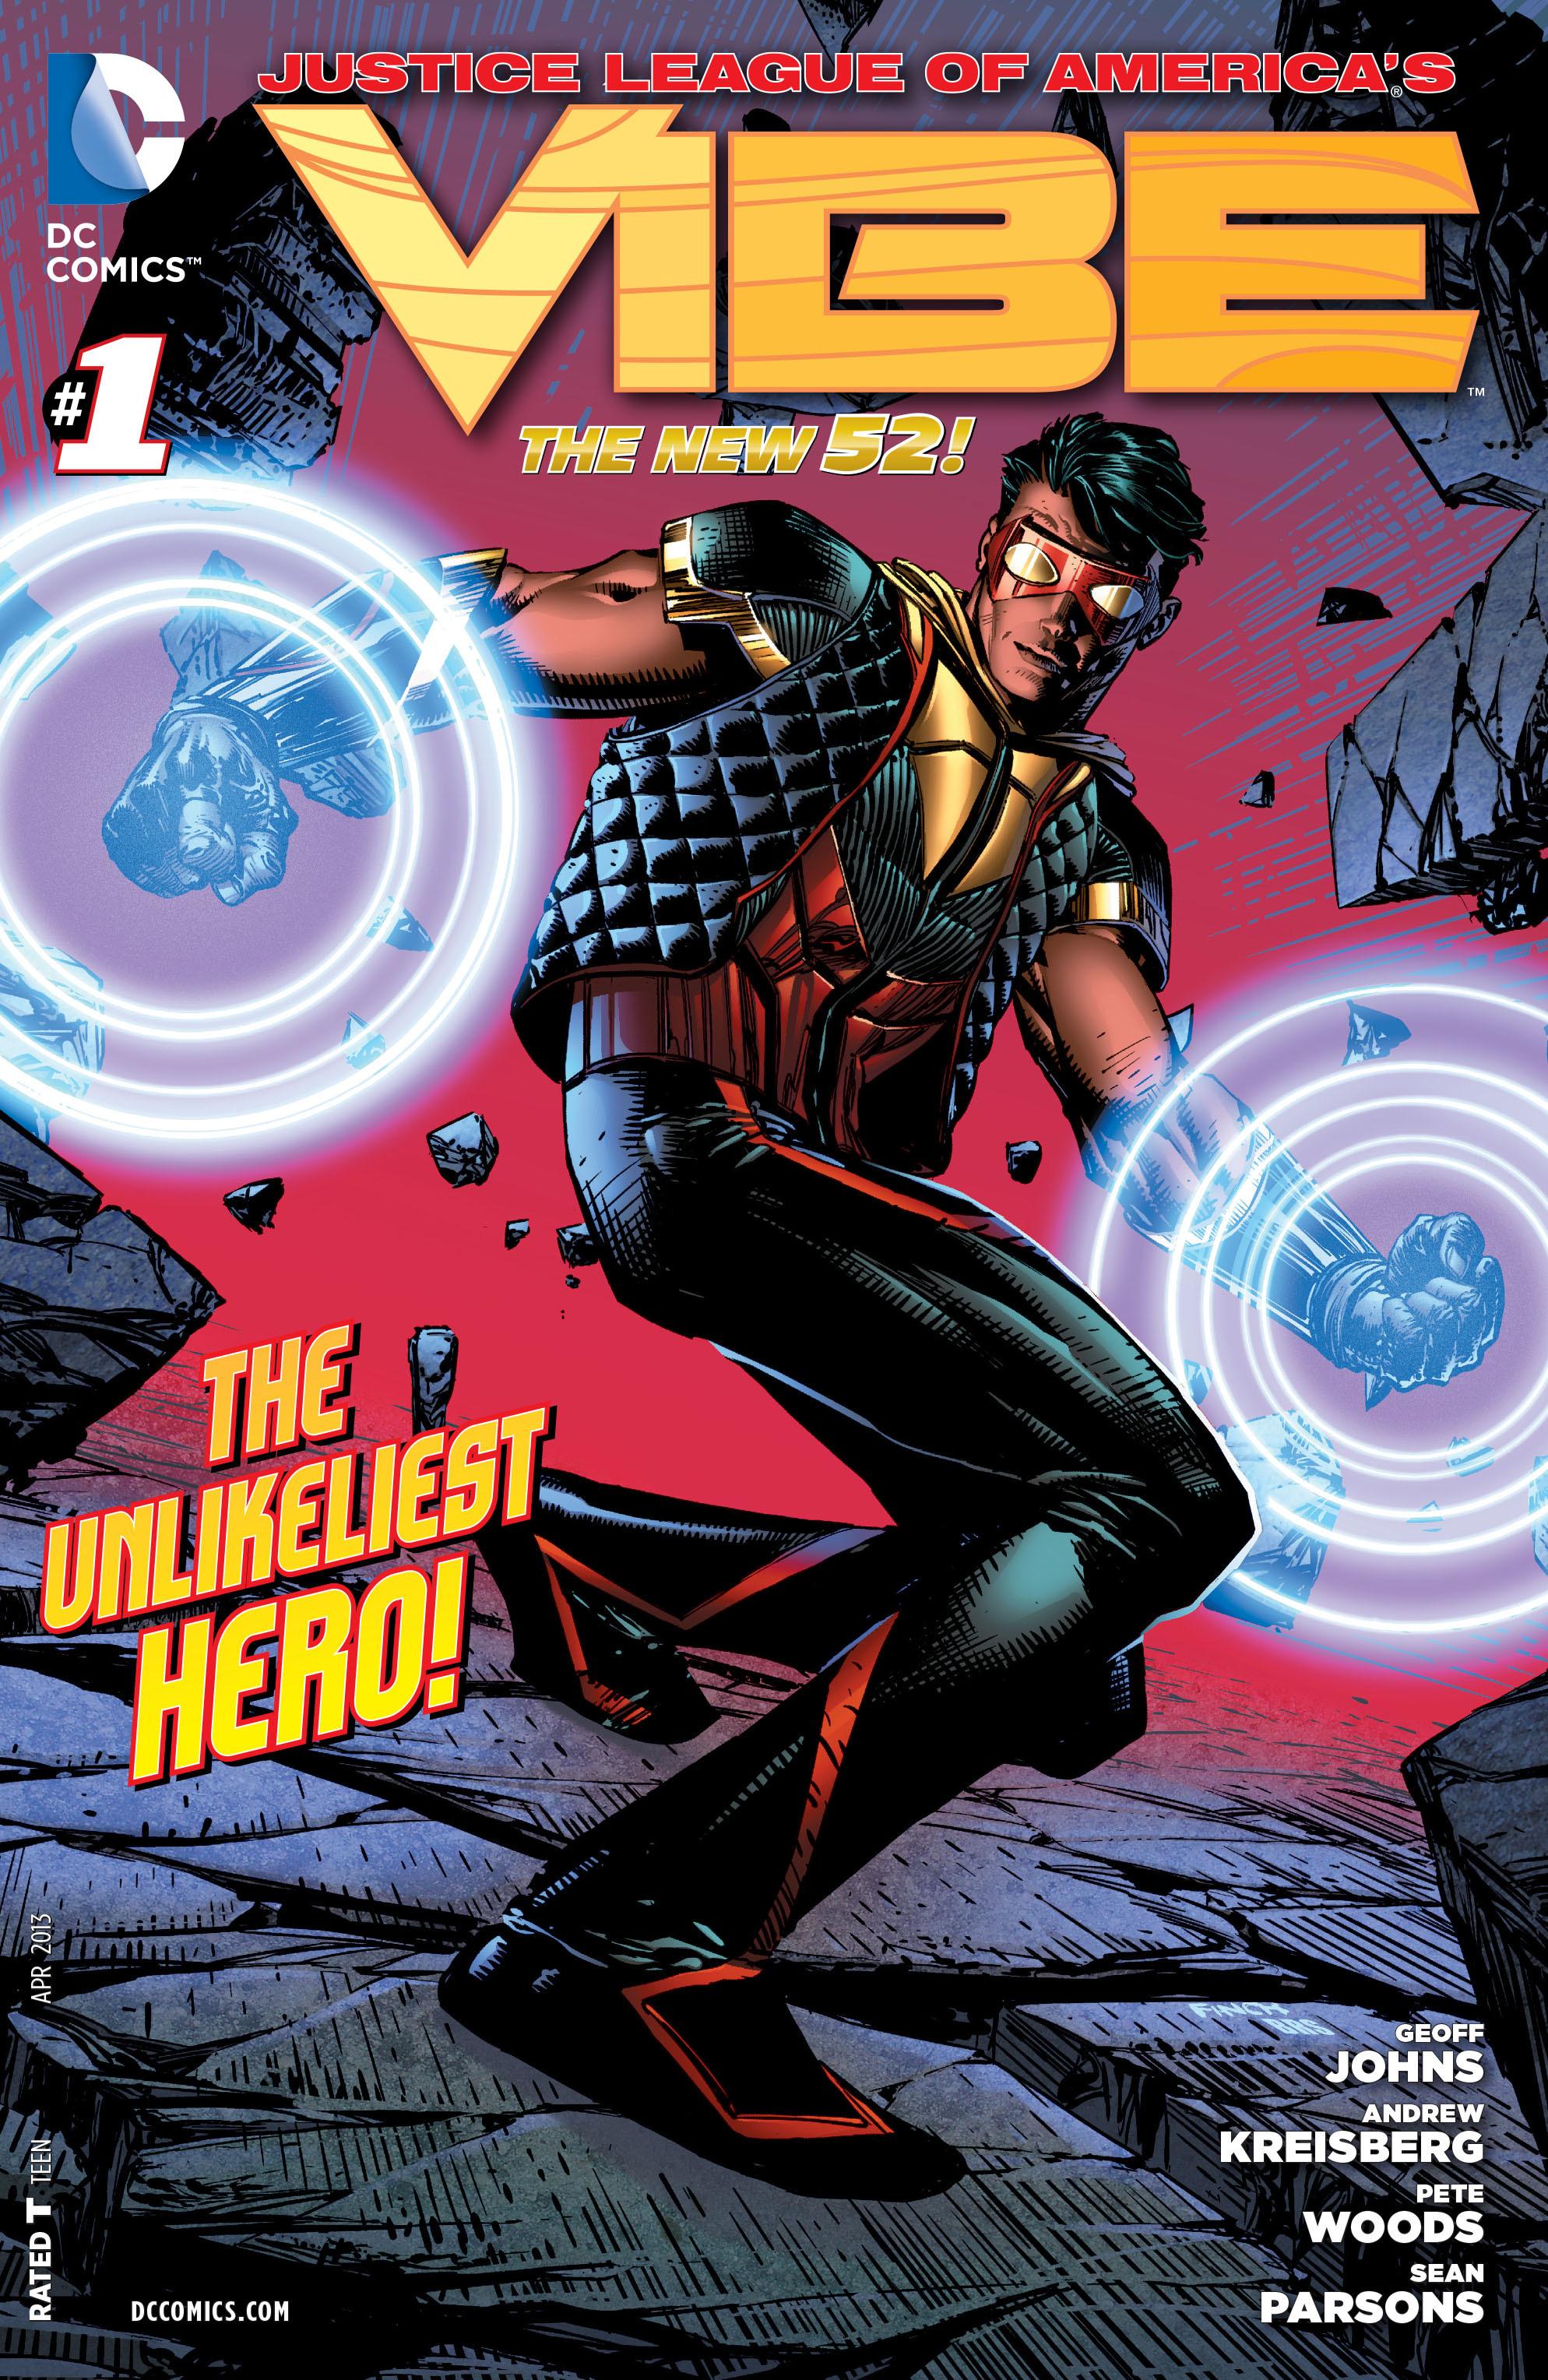 [TV] The Flash - Jay Garrick escolhido! - Página 17 Justice_League_of_America%27s_Vibe_Vol_1_1